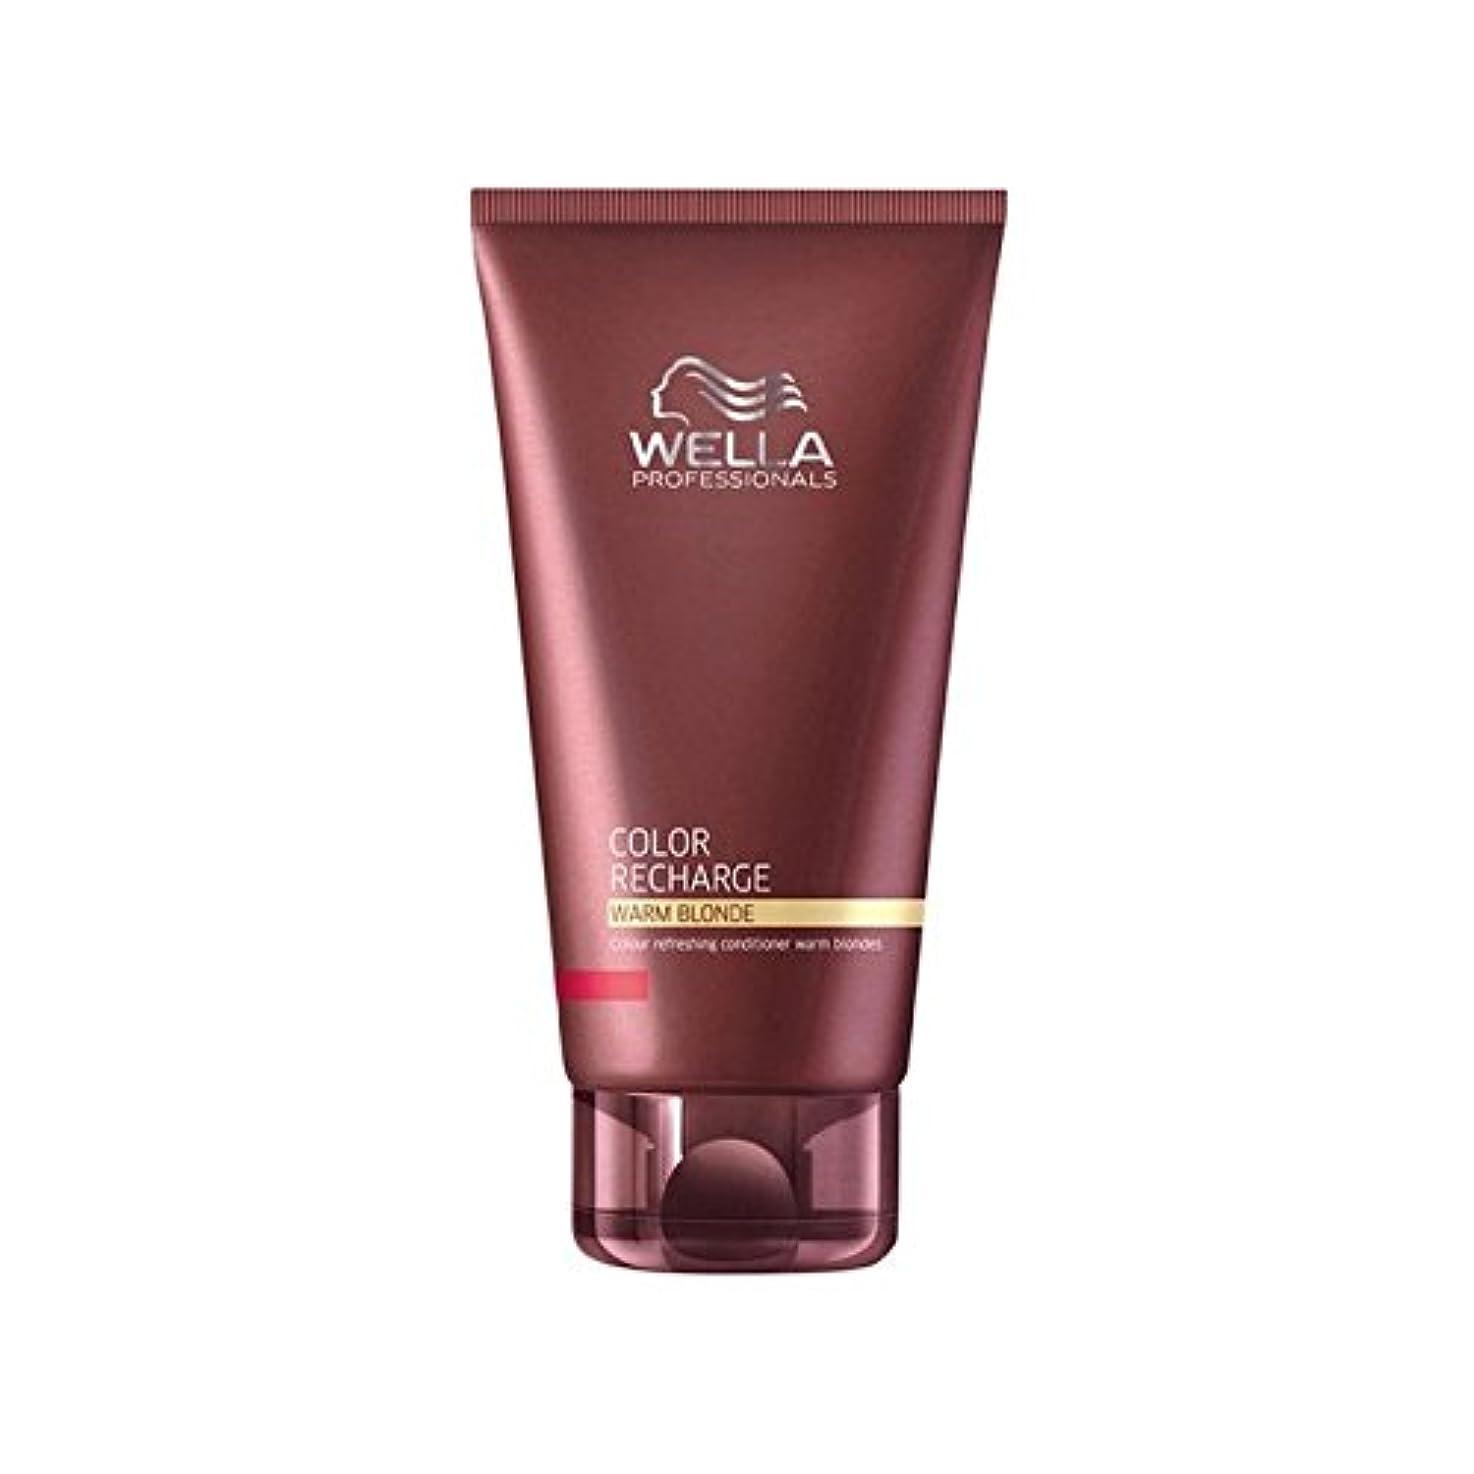 純度スープ適応的Wella Professionals Color Recharge Conditioner Warm Blonde (200ml) - ウエラ専門家のカラー再充電コンディショナー暖かいブロンド(200ミリリットル) [...